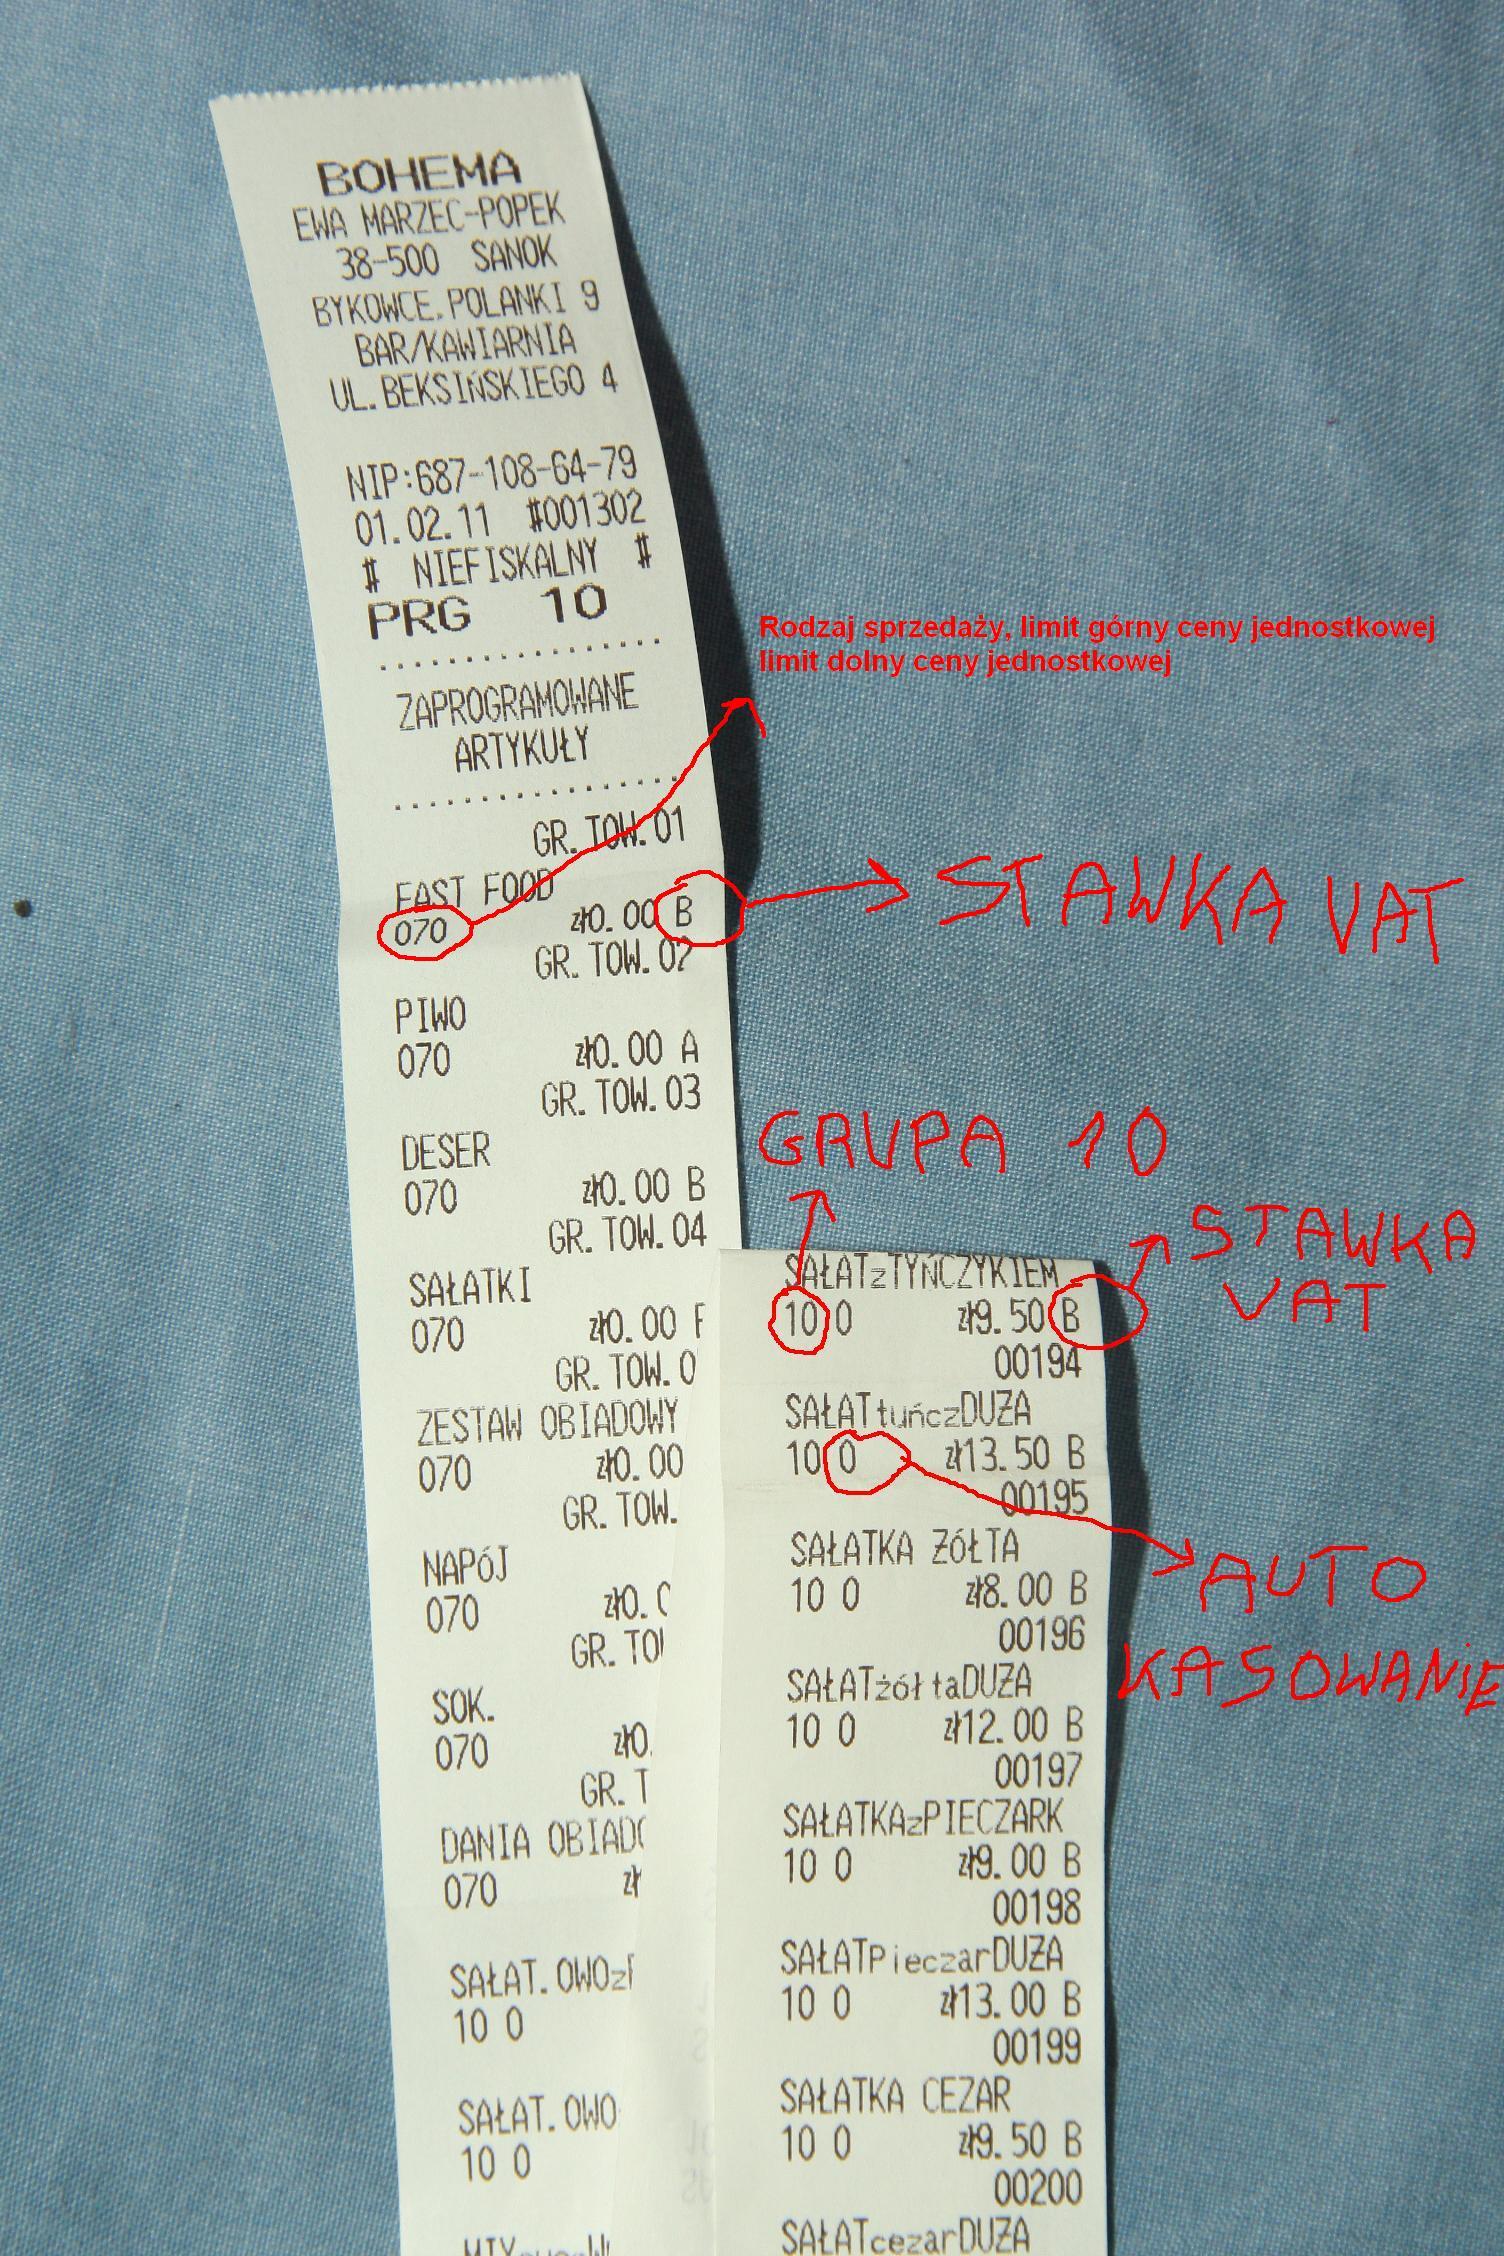 Kasa fiskalna sharp ER A227p stawki VAT.